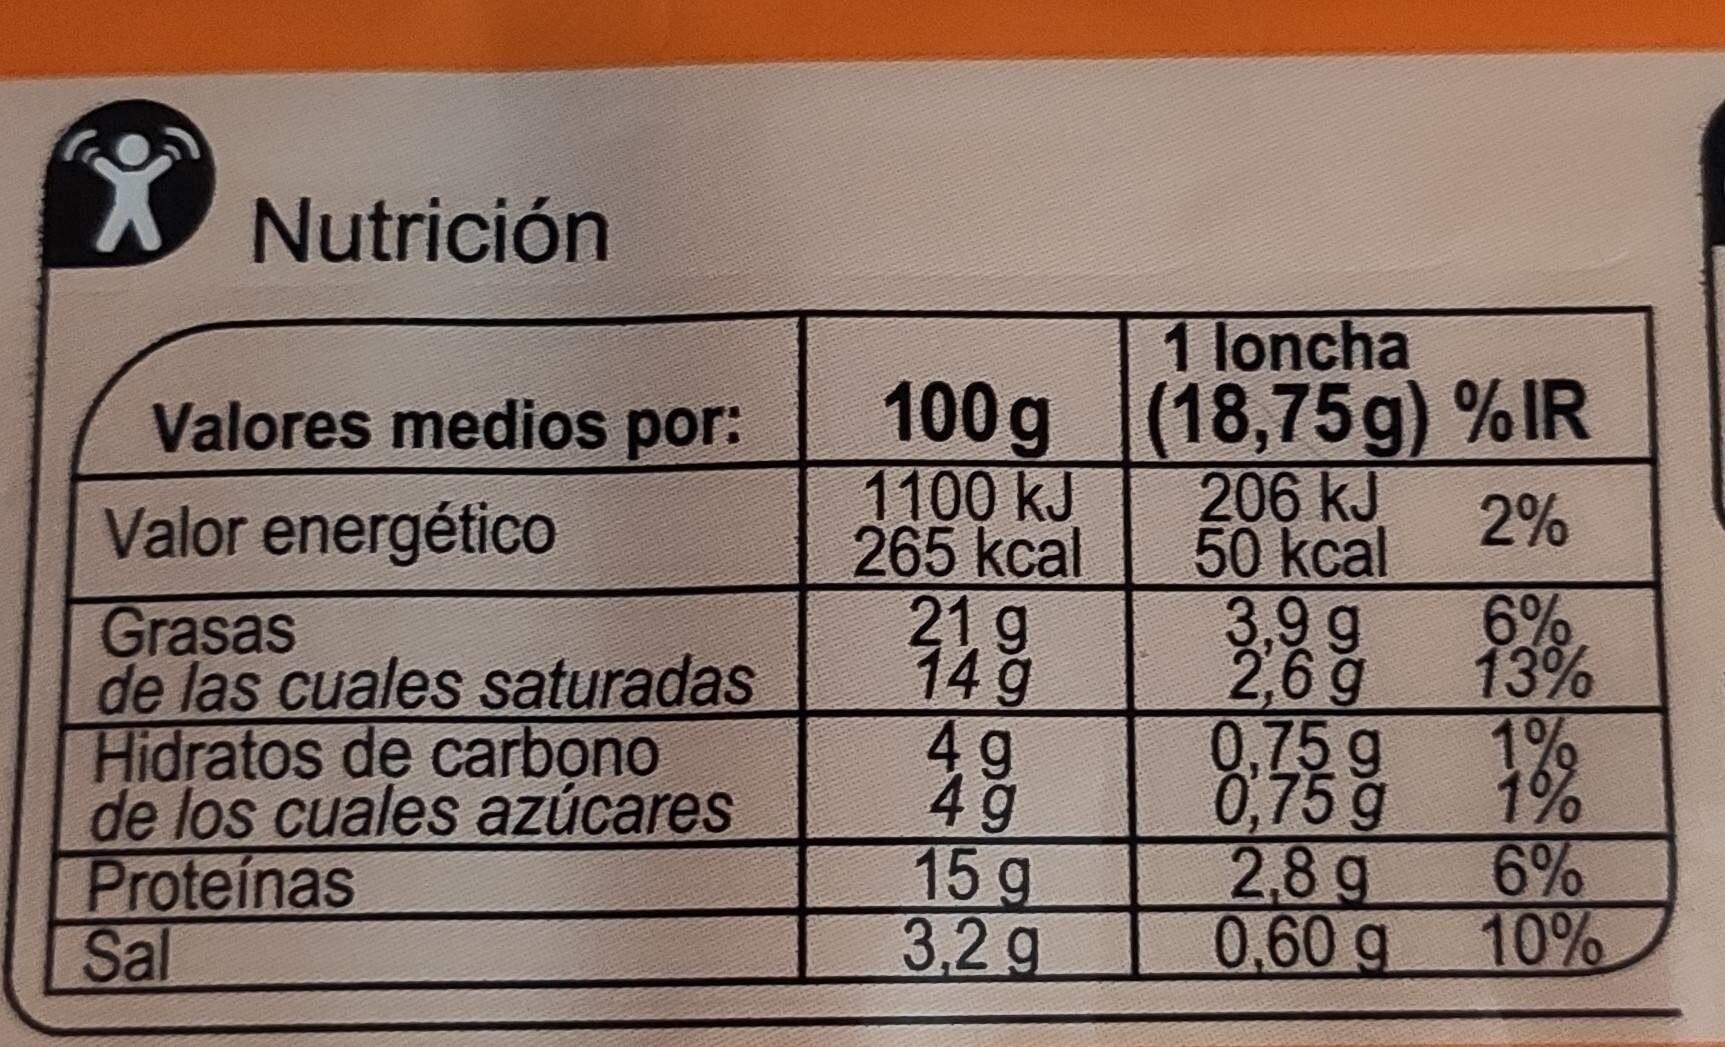 Queso fundido para hamburguesa (Carrefour) - Informació nutricional